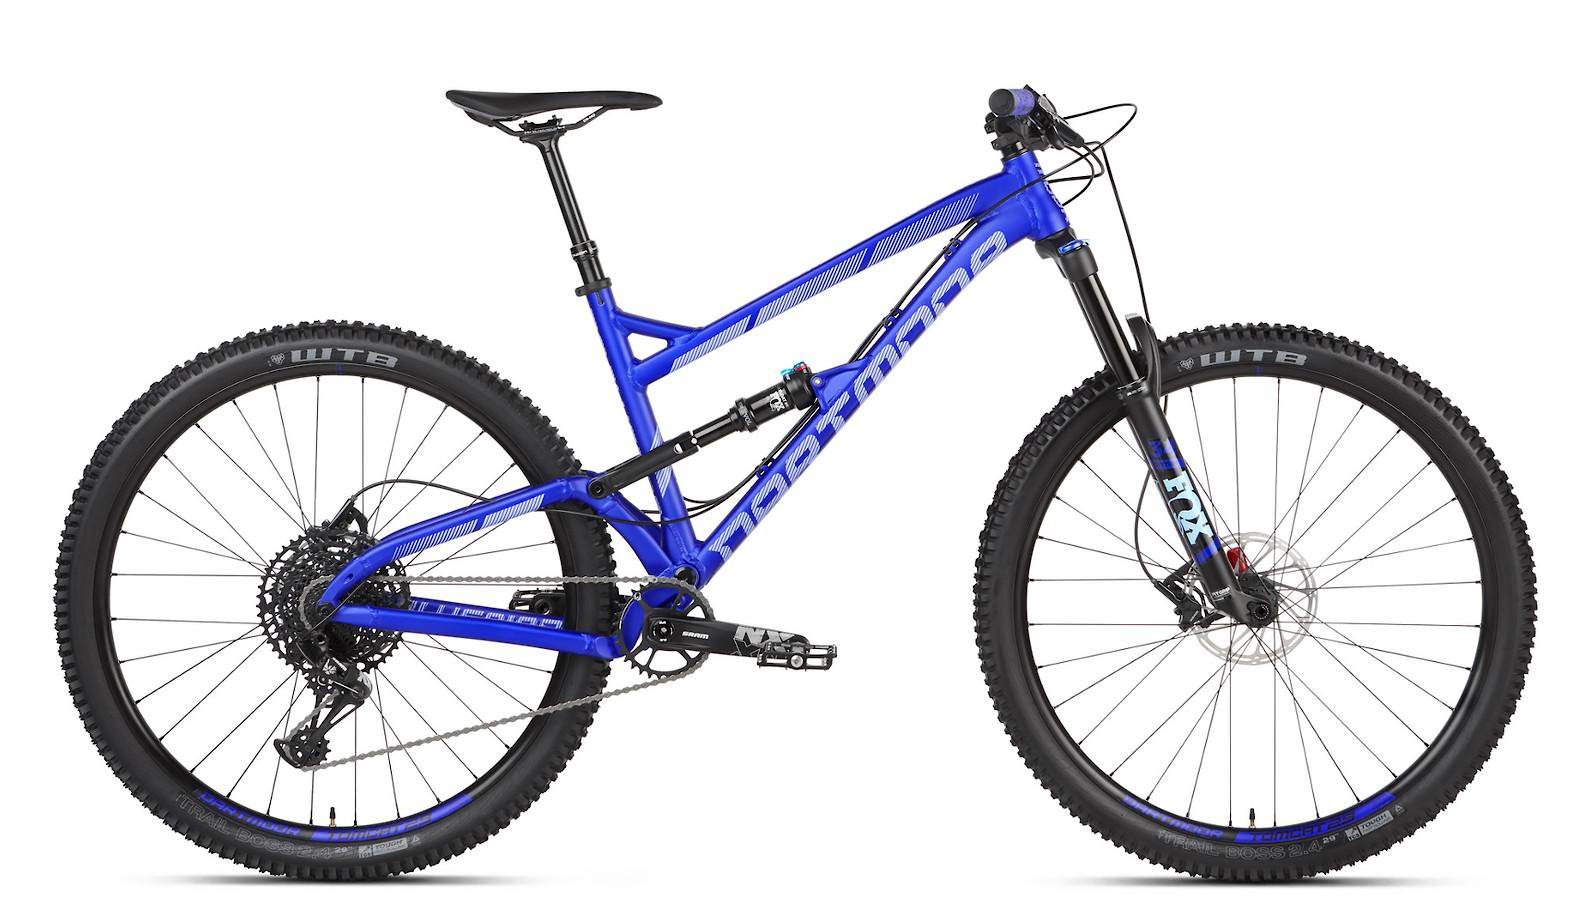 2019 Dartmoor Bluebird Pro 29 Bike